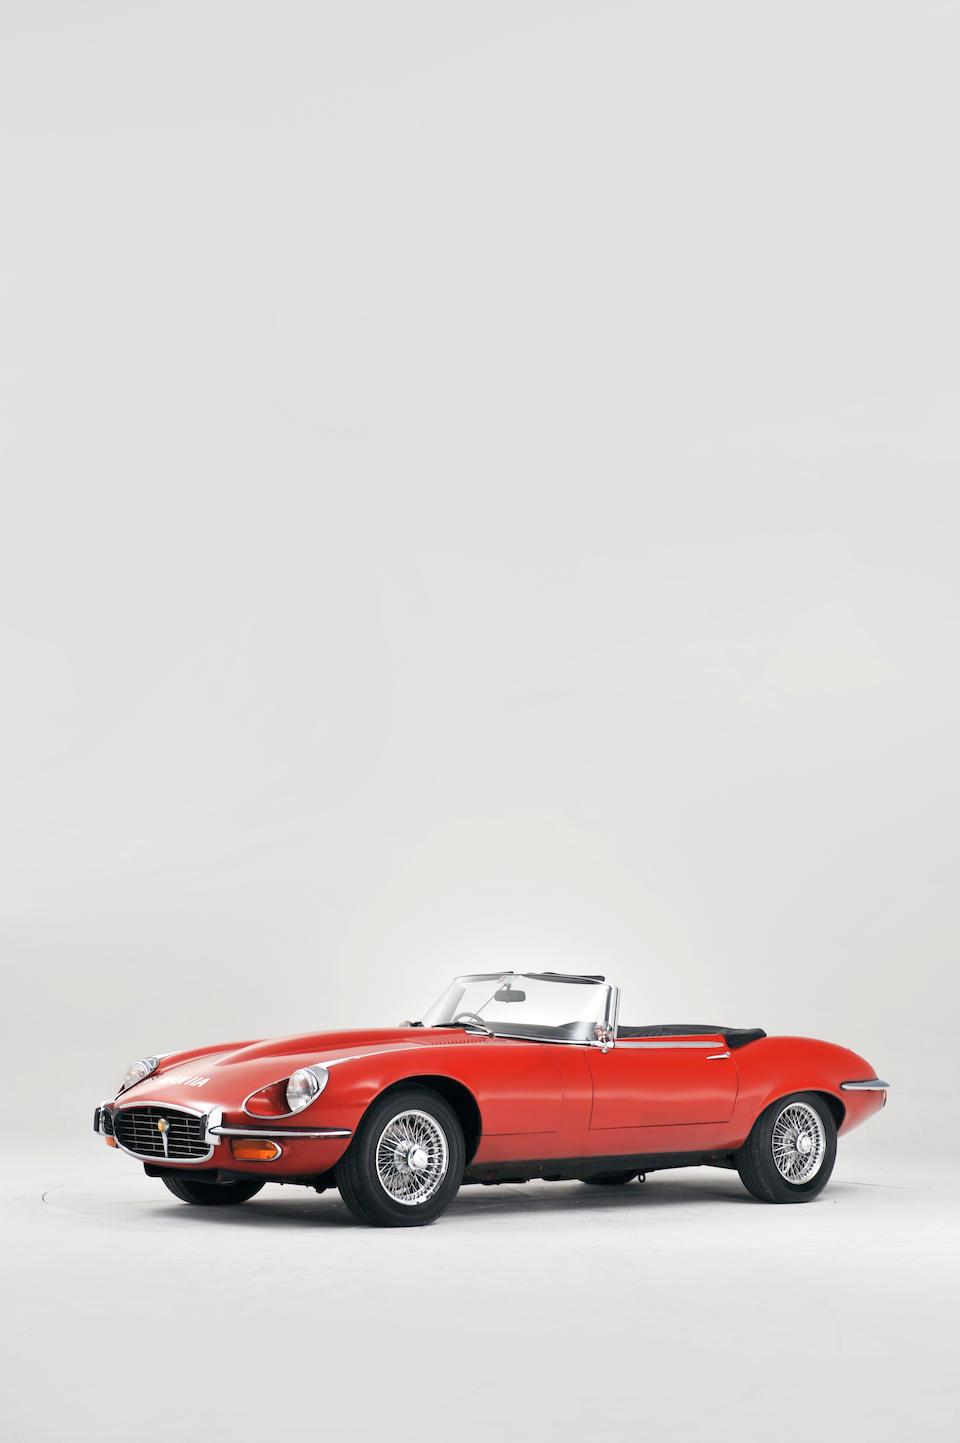 1974 Jaguar E-Type Series III V12 Roadster  Chassis no. IS 2345 Engine no. 7S 13121 SA